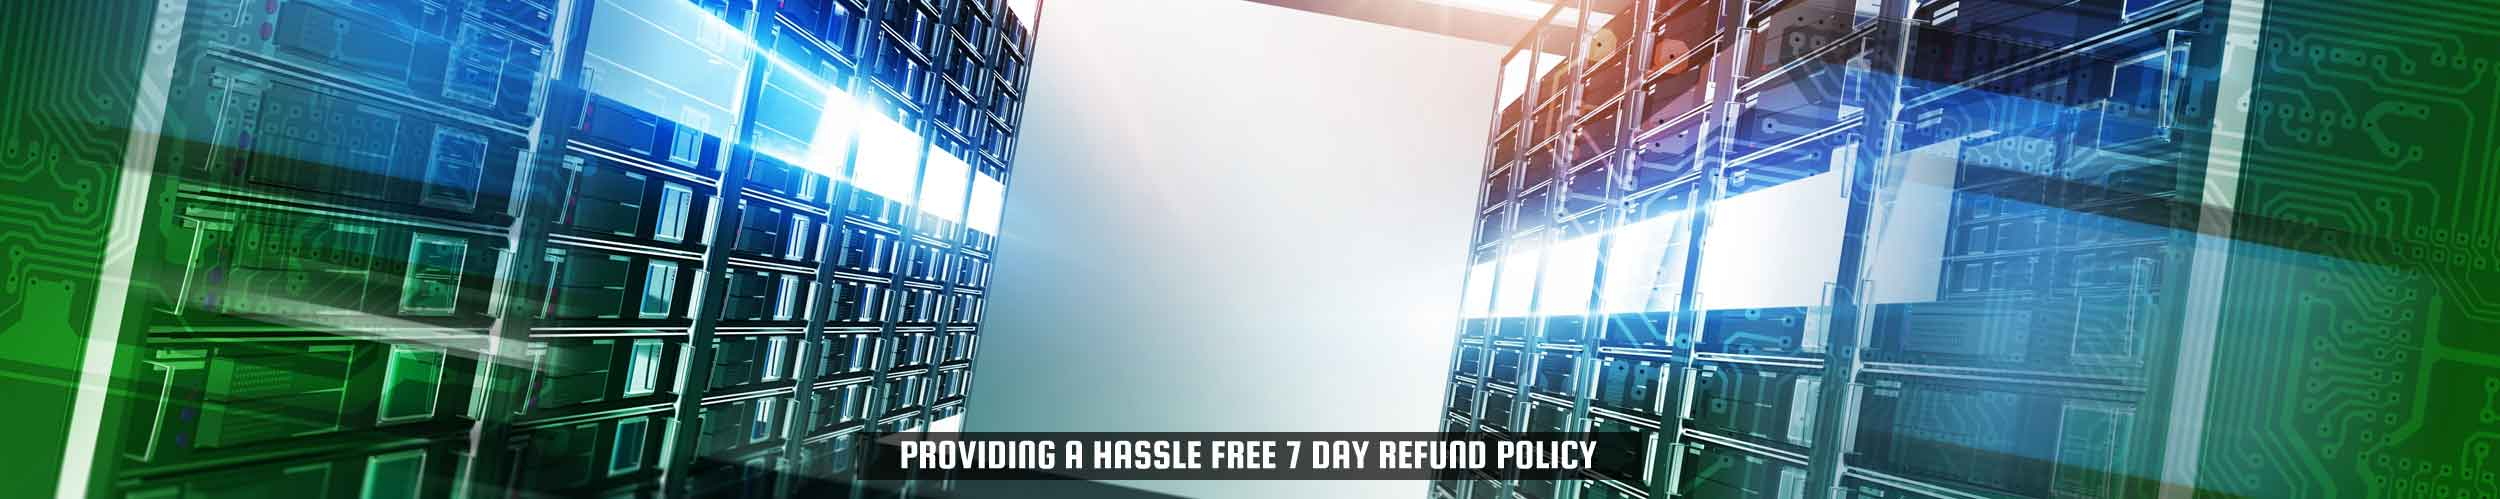 Политика возврата денег 52 Degrees 7   «Предоставление бесплатной политики возврата дня 7»   Телекоммуникационные решения в Норидже